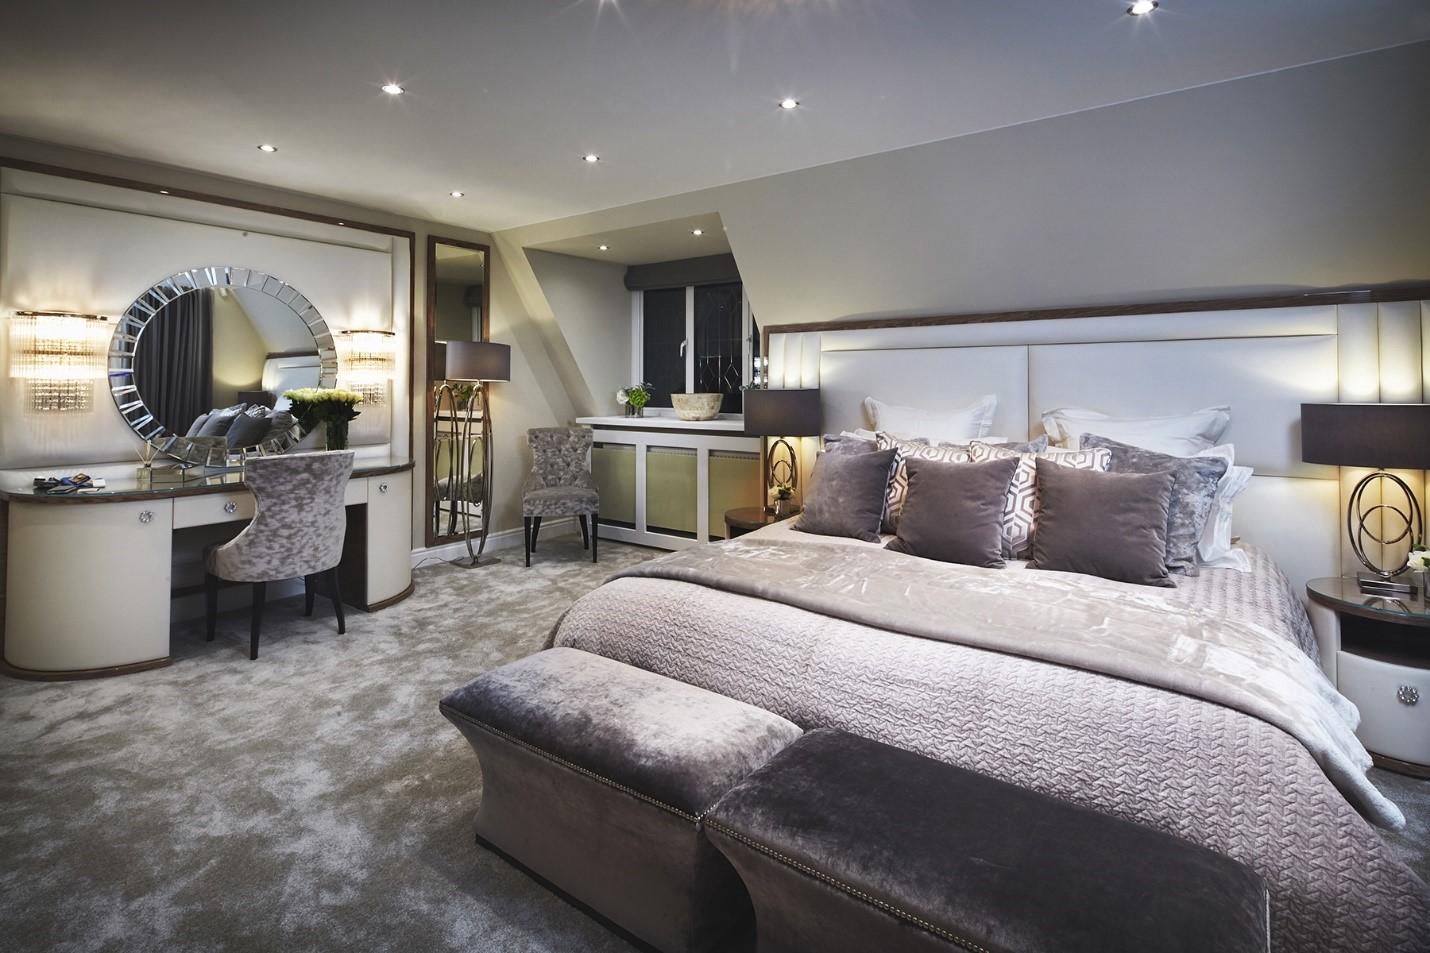 Phòng ngủ cao cấp theo phong cách hiện đại mang tông màu trung tính